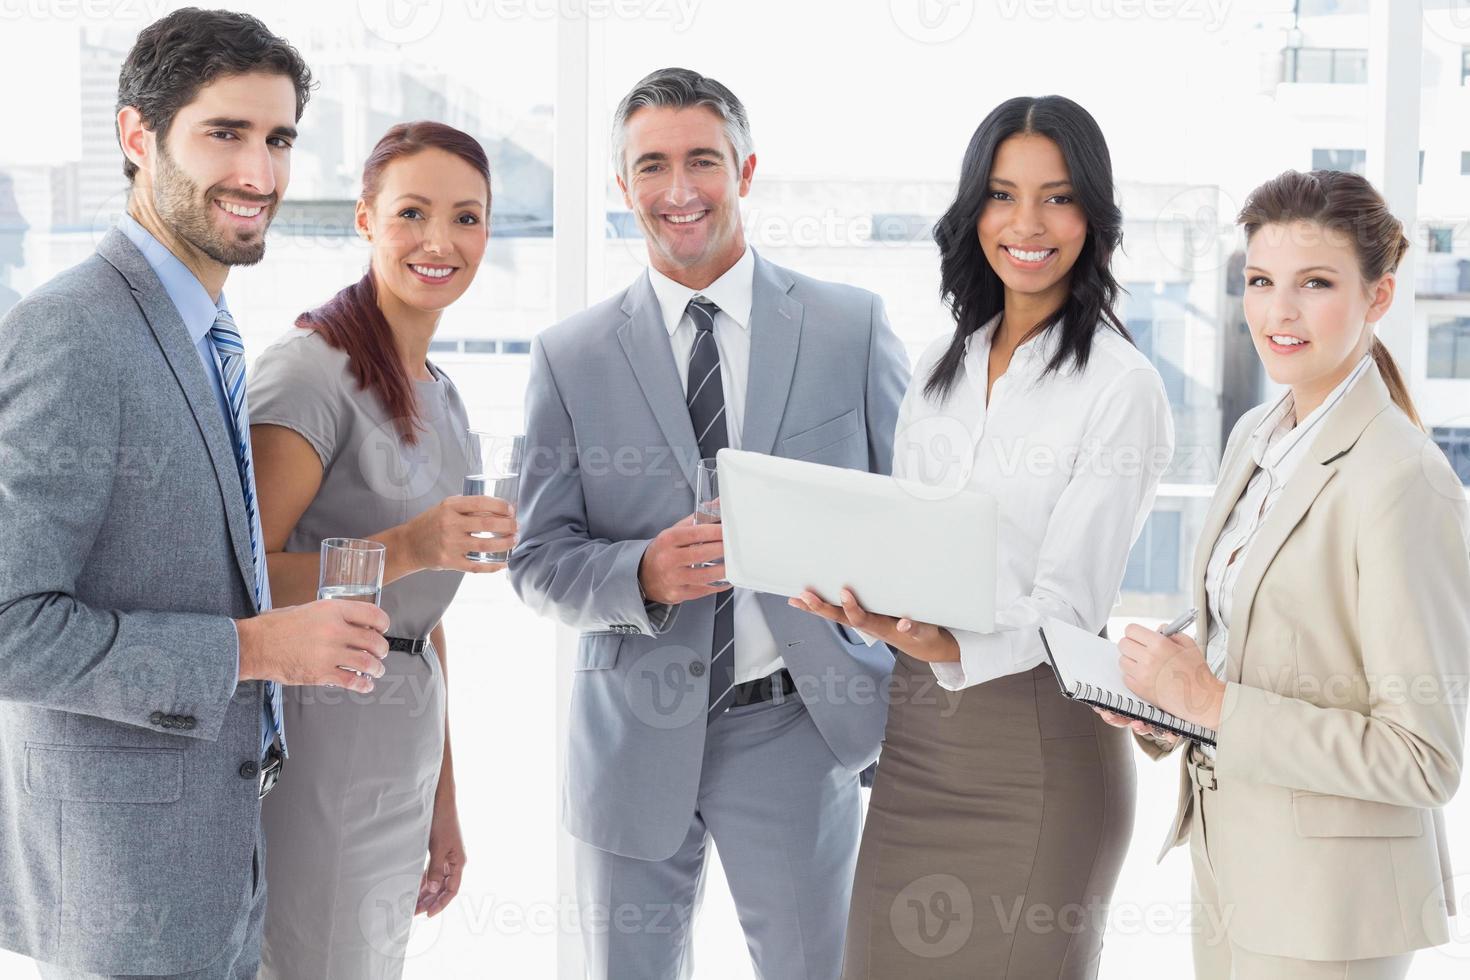 squadra di affari che beve qualcosa foto